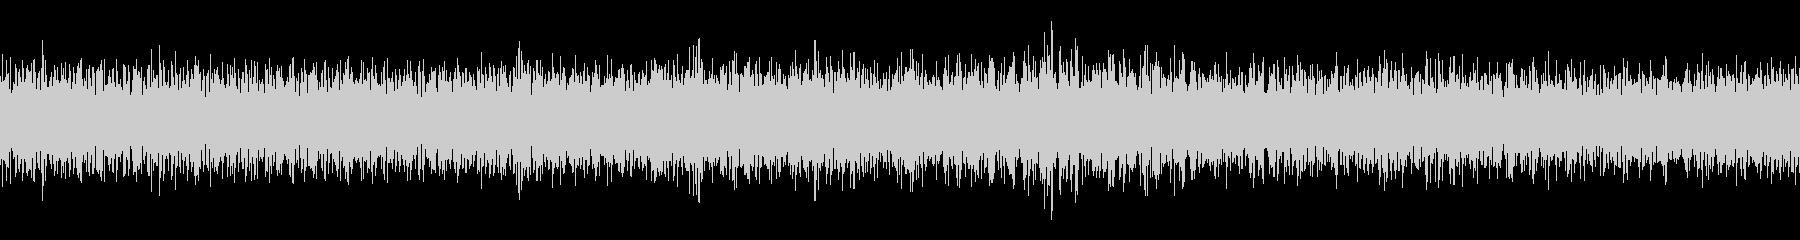 ダンプカーのアイドリングの未再生の波形